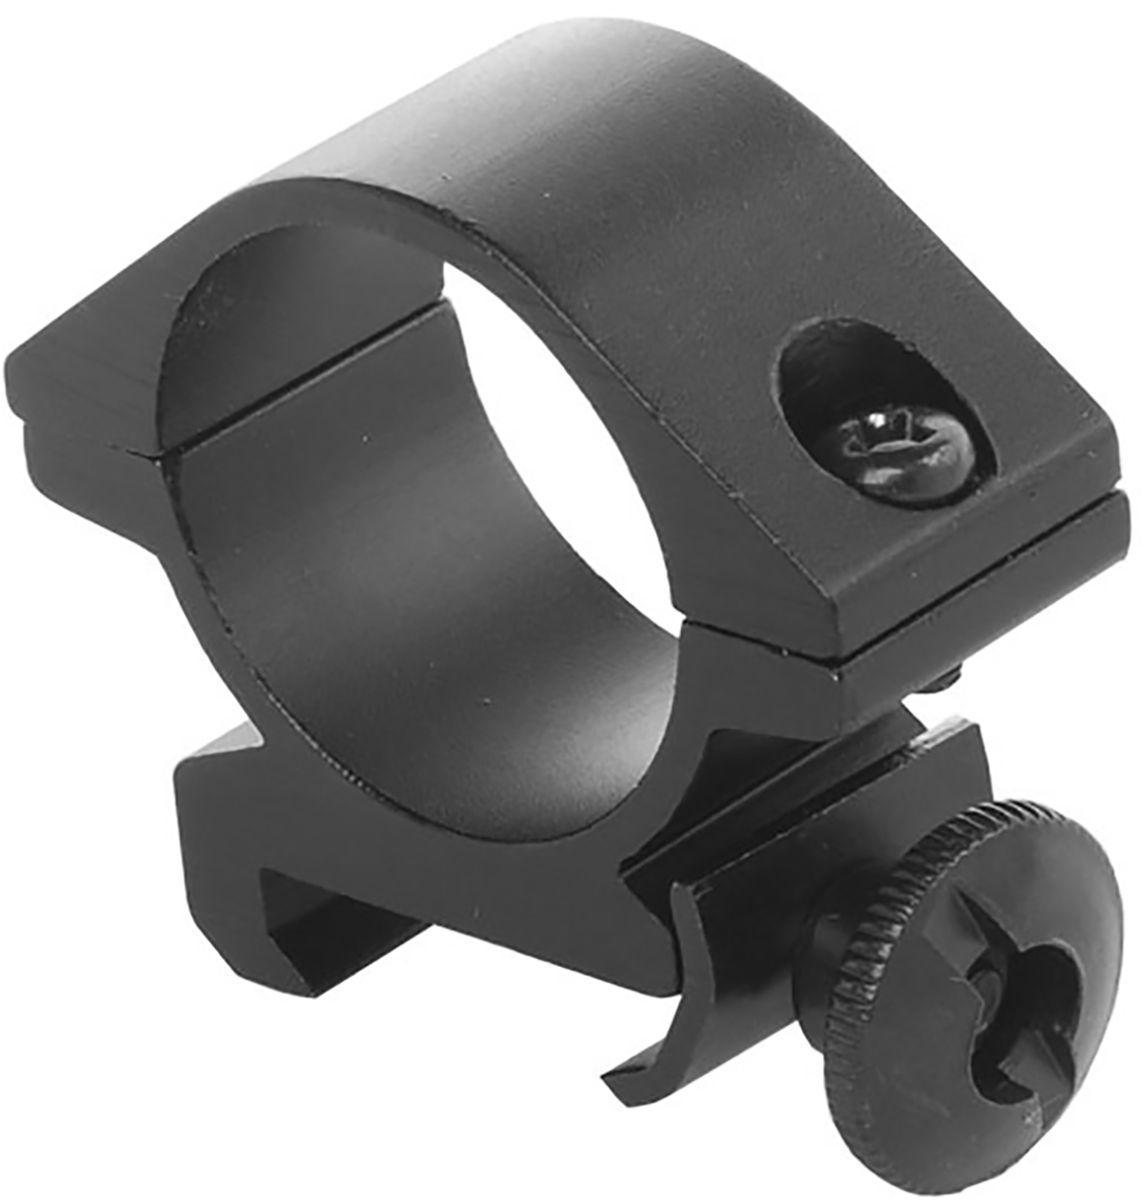 Кронштейн-кольцо для фонаря Nextorch Weaver. Picatinny, цвет: черный, диаметр 25 ммRM25Кронштейн-кольцо Nextorch для фонаря O25мм. на Weaver/Picatinny, материал алюминийКронштейн RM25 для установки фонарей на оружие имеющее крепление Weaver/Picatinny. Применяется для установки фонарей с диаметром корпуса 25 мм. Материал: анодированный алюминий. Данная модель кронштейна подходит для установки фонарей:myTorch 18650, T6A, НАБОР T6A, T9. Комплект поставки: Кронштейн. Компания Nextorch уделяет особенное внимание производству инновационных переносных осветительных приборов. Применение самых передовых технологий освещения позволяет использовать максимально яркие источники света, достигая при этом невероятной эффективности и исключительной долговечности элементов питания. Использование материалов аэрокосмических технологий - алюминия марки 6061-T6 с жестким анодированным покрытием Mil-Spec III для корпуса и элементов управления, придает фонарям Nextorch прочность, легкость, долговечность и эргономичность.